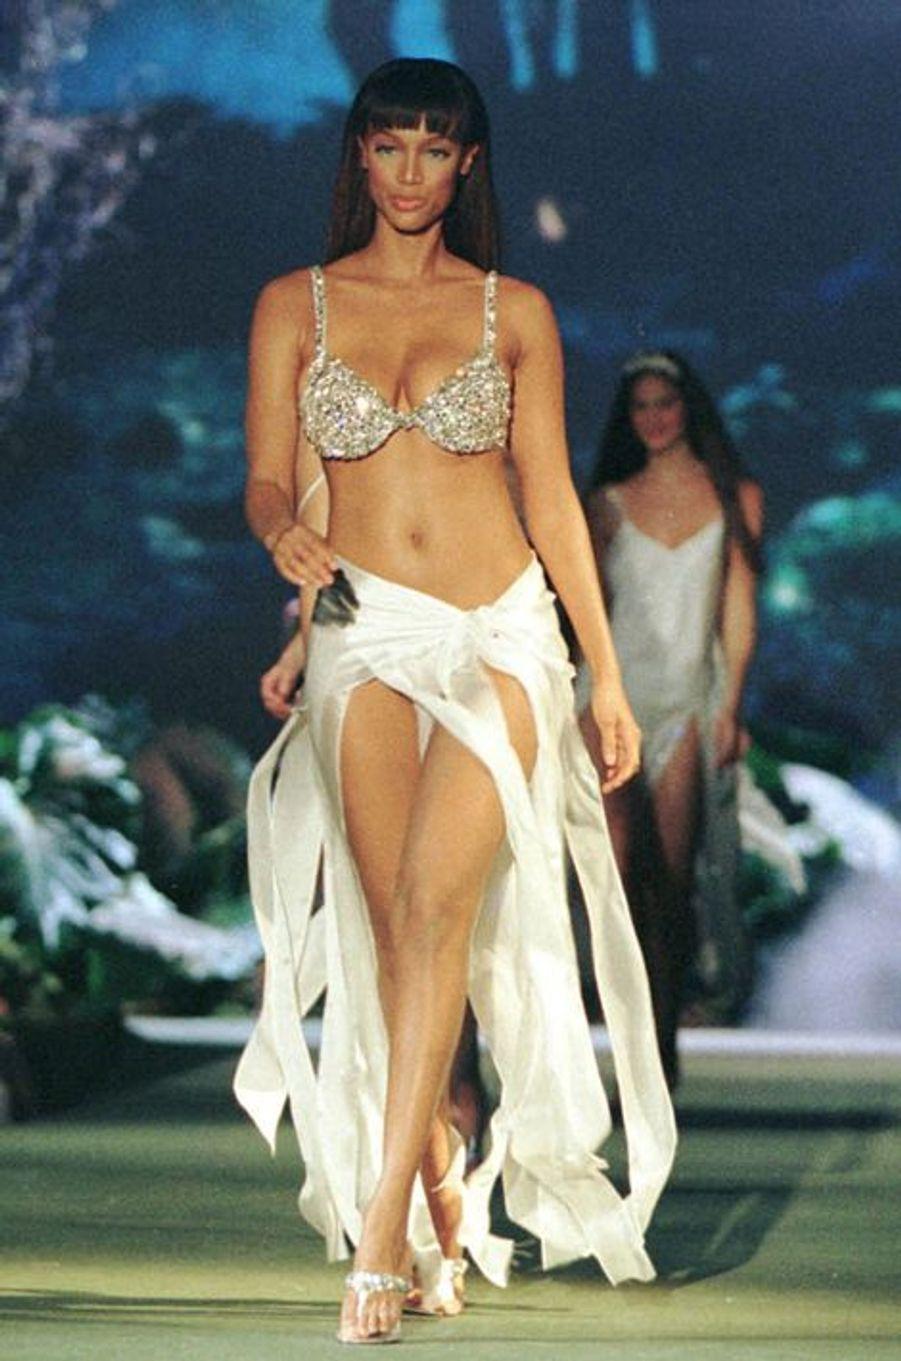 """Le défilé de la marque Victoria's Secret en 1999 à New York (Tyra Banks et le """"Fantasy Bra"""")."""